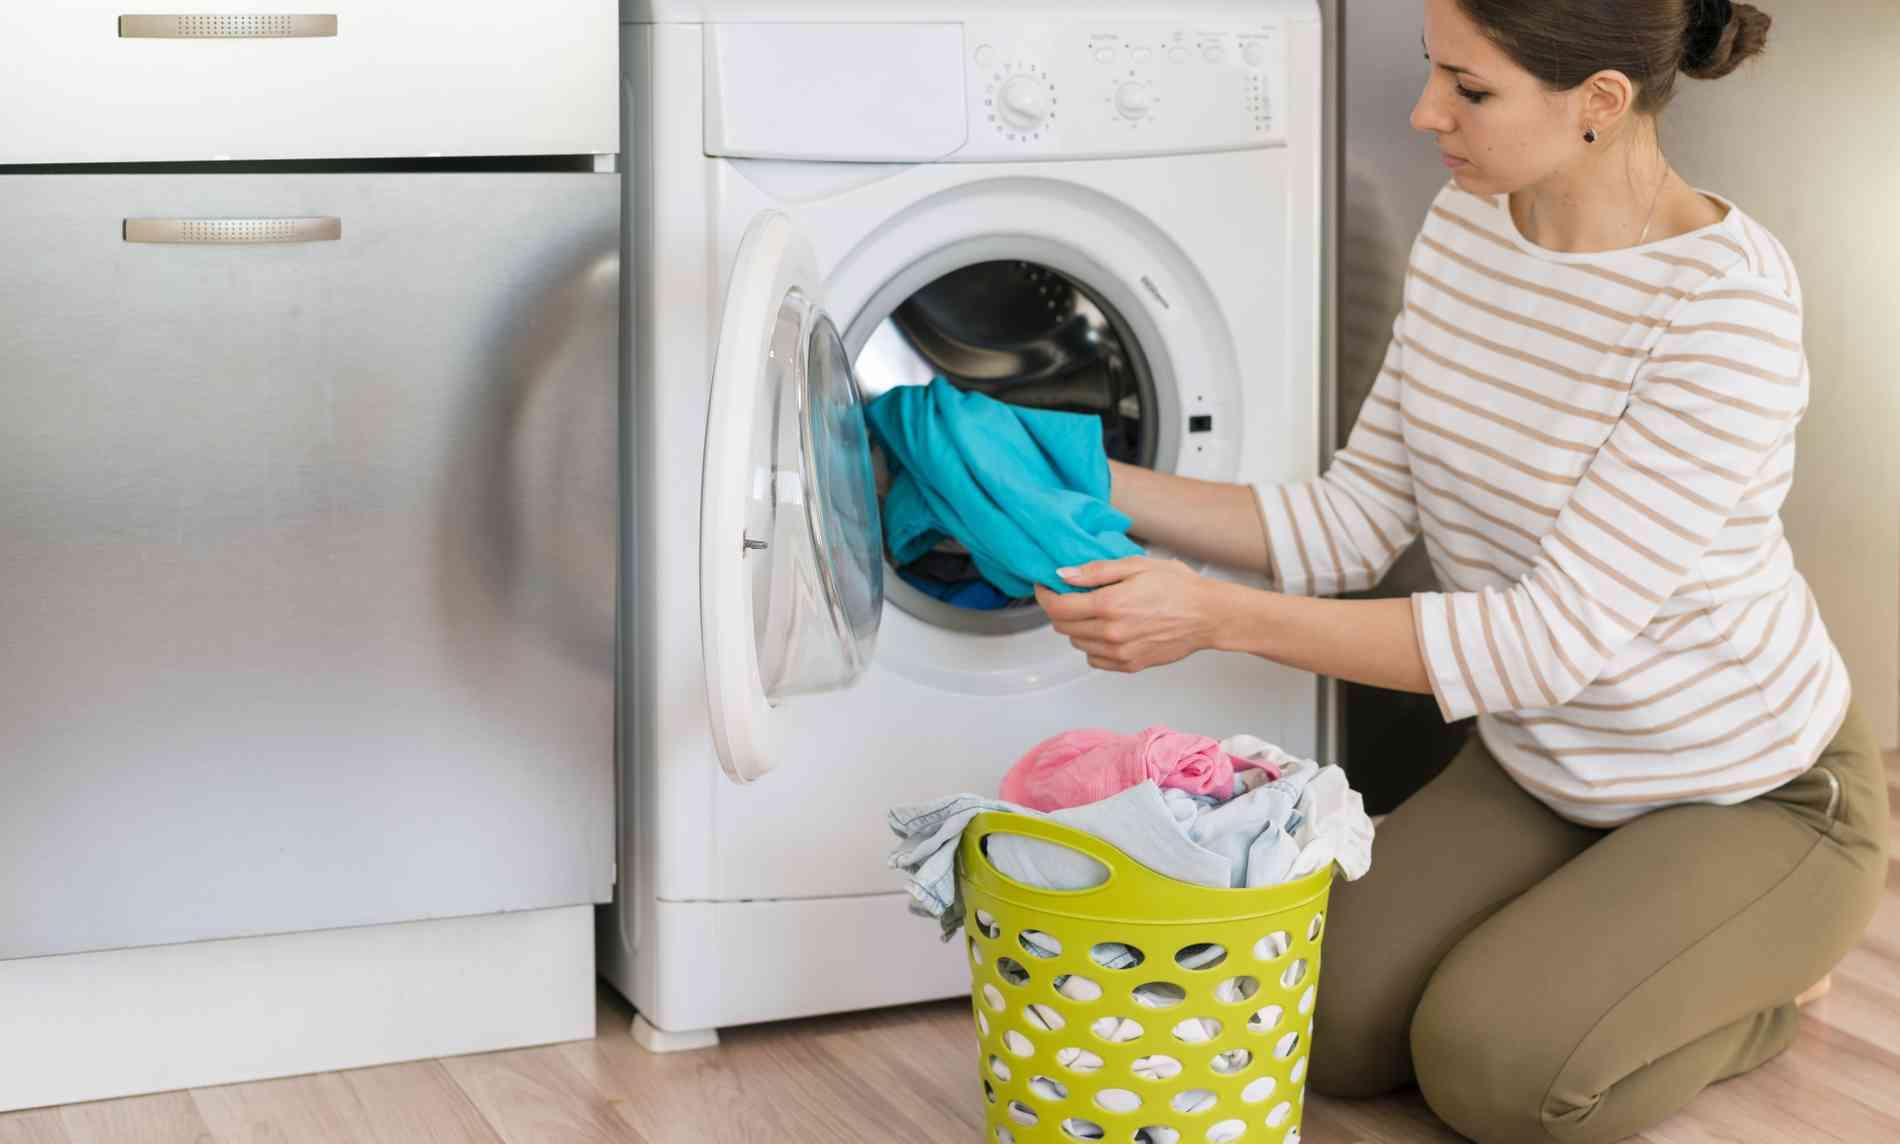 Modelo de secadora para apartamento pequeno - Freepik